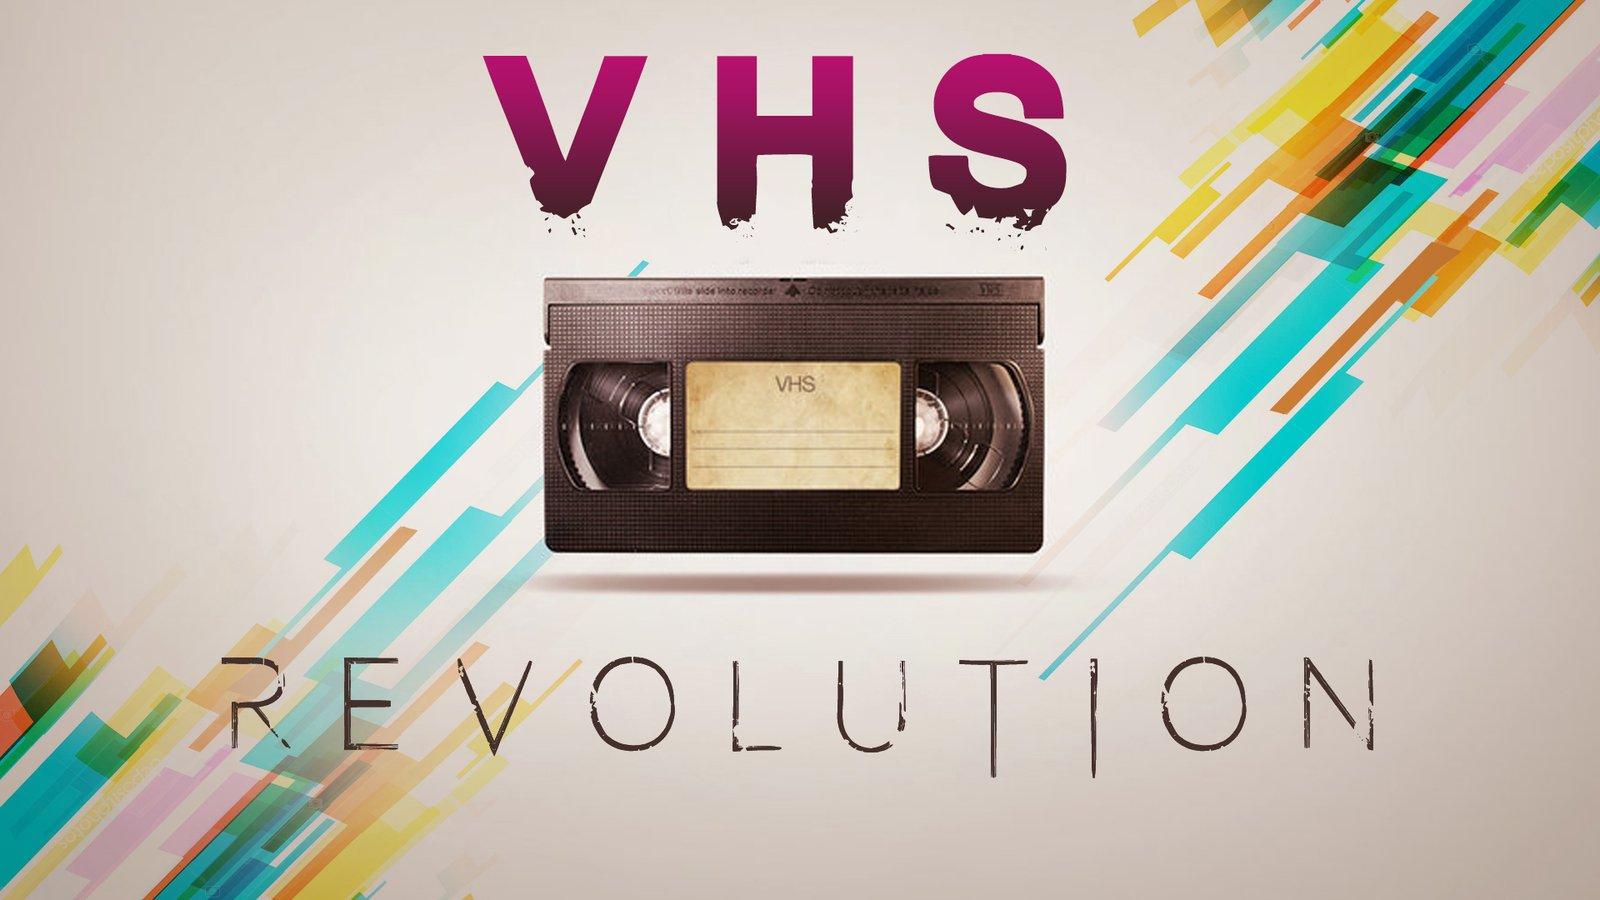 VHS Revolution